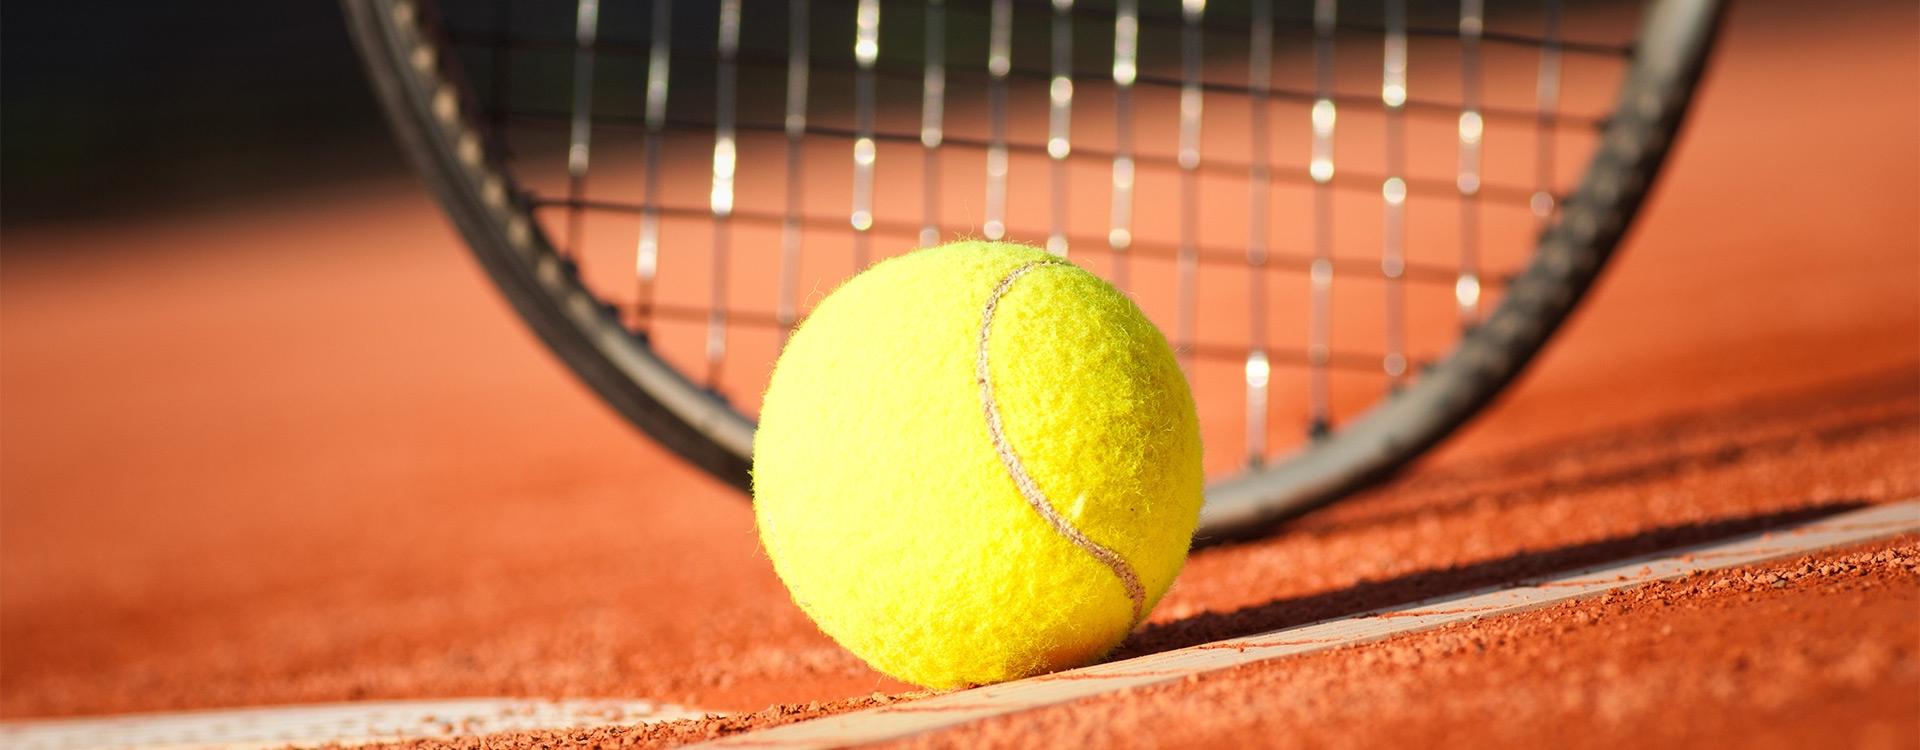 Roland-Garros, le tennis à la française / B2-C1